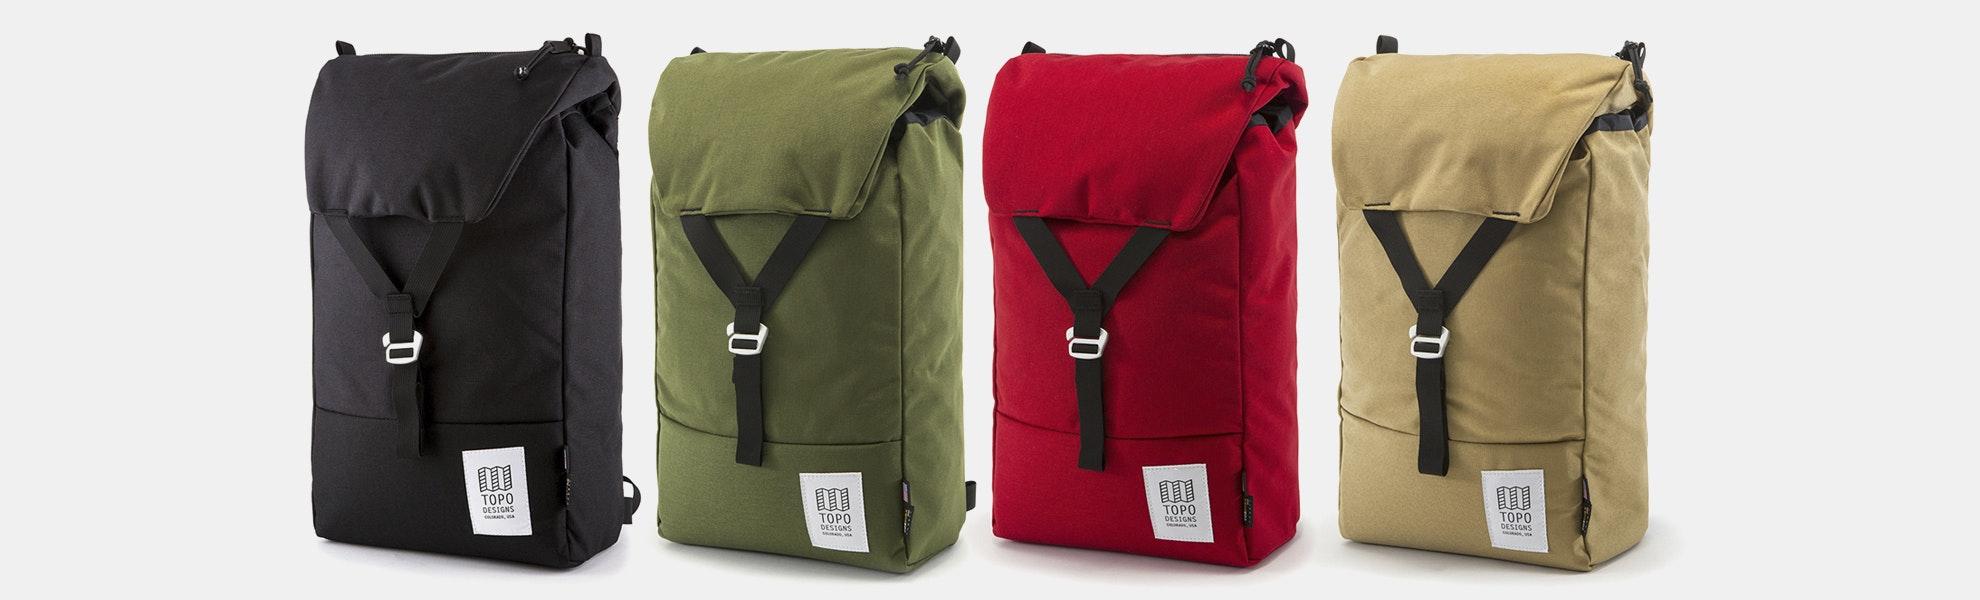 Topo Designs Y-Pack Backpacks